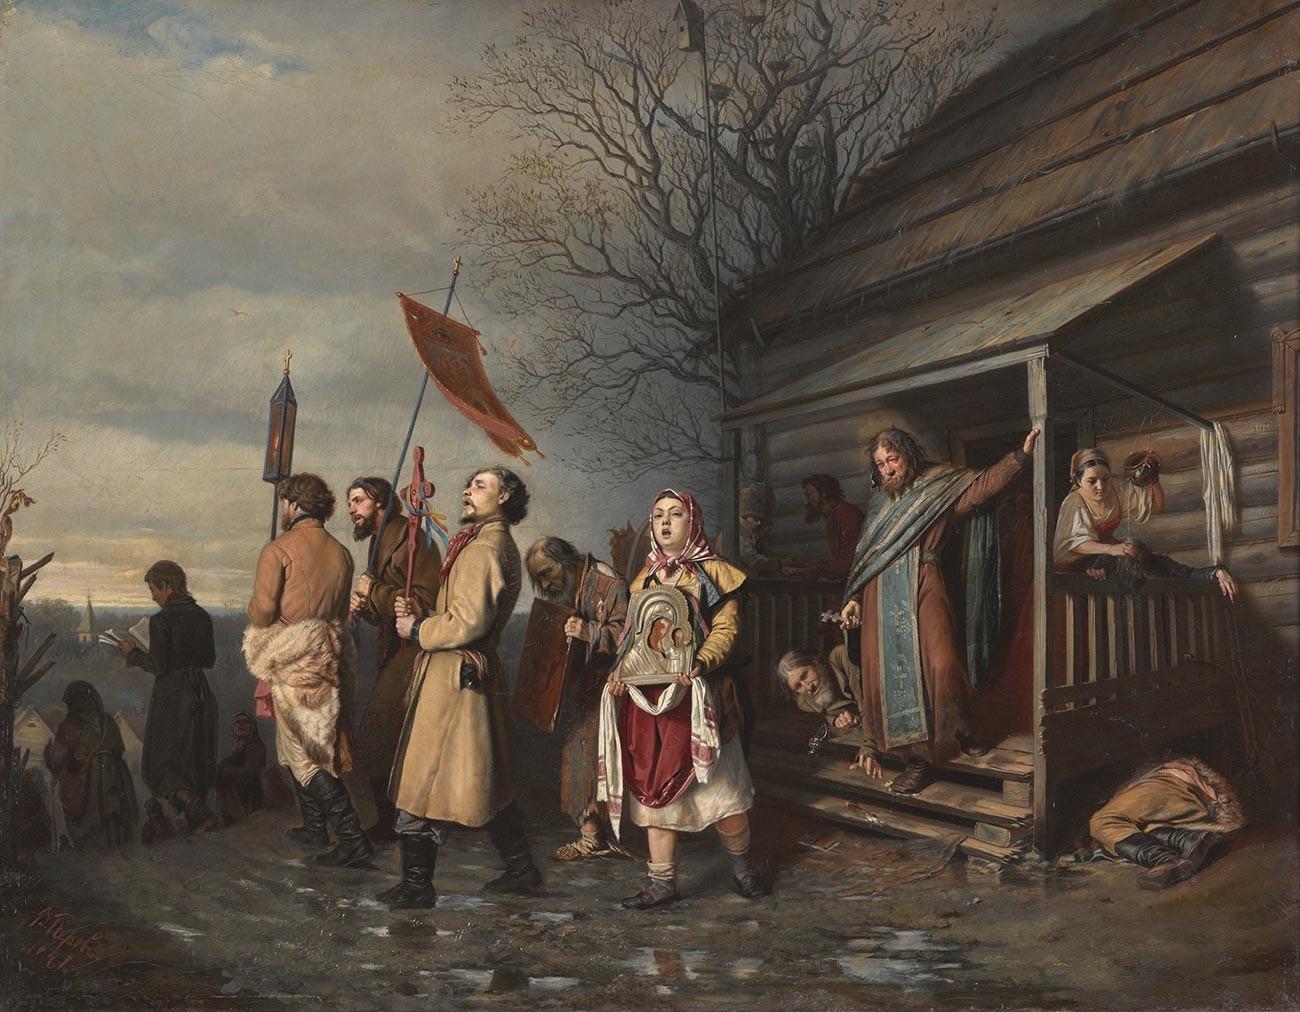 Vassíli Perov. Procissão de Páscoa em uma aldeia. 1861.